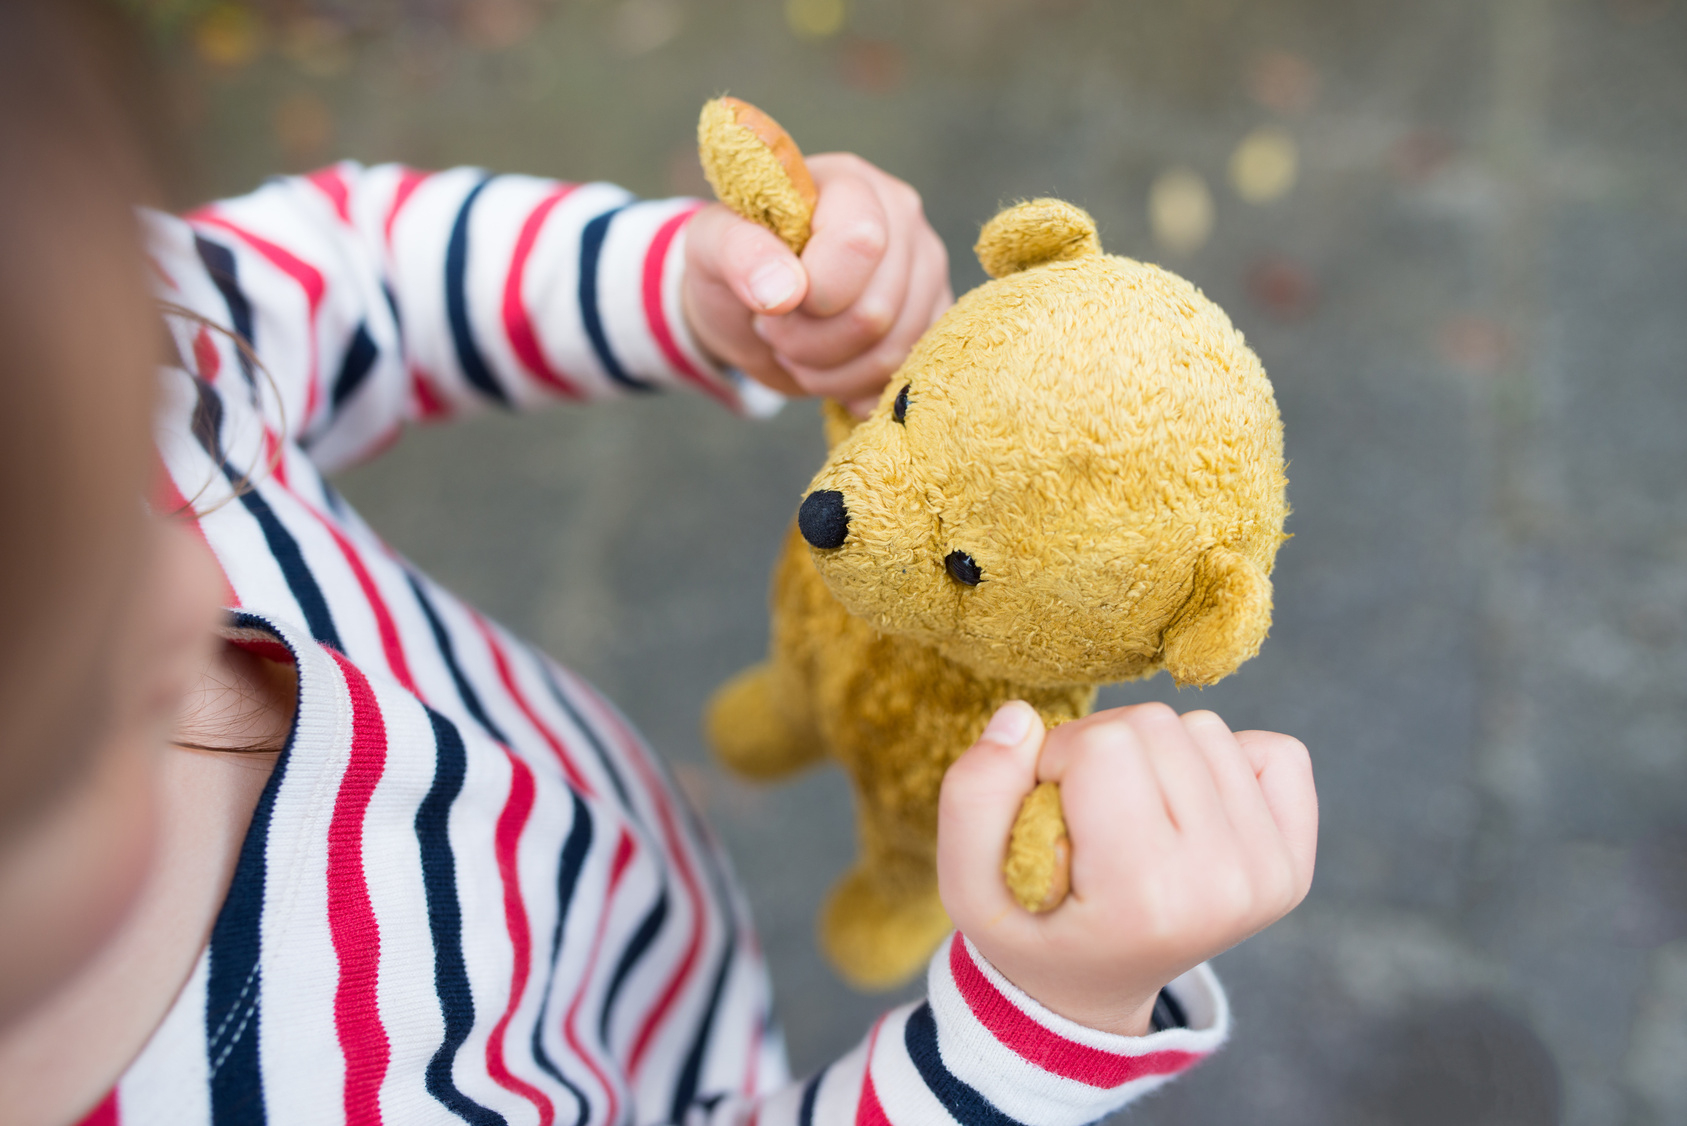 Choisir Le Bon Jouet : Les Jouets Pour Bébé, Âge Par Âge avec Jeux De Fille Pour S Inscrire